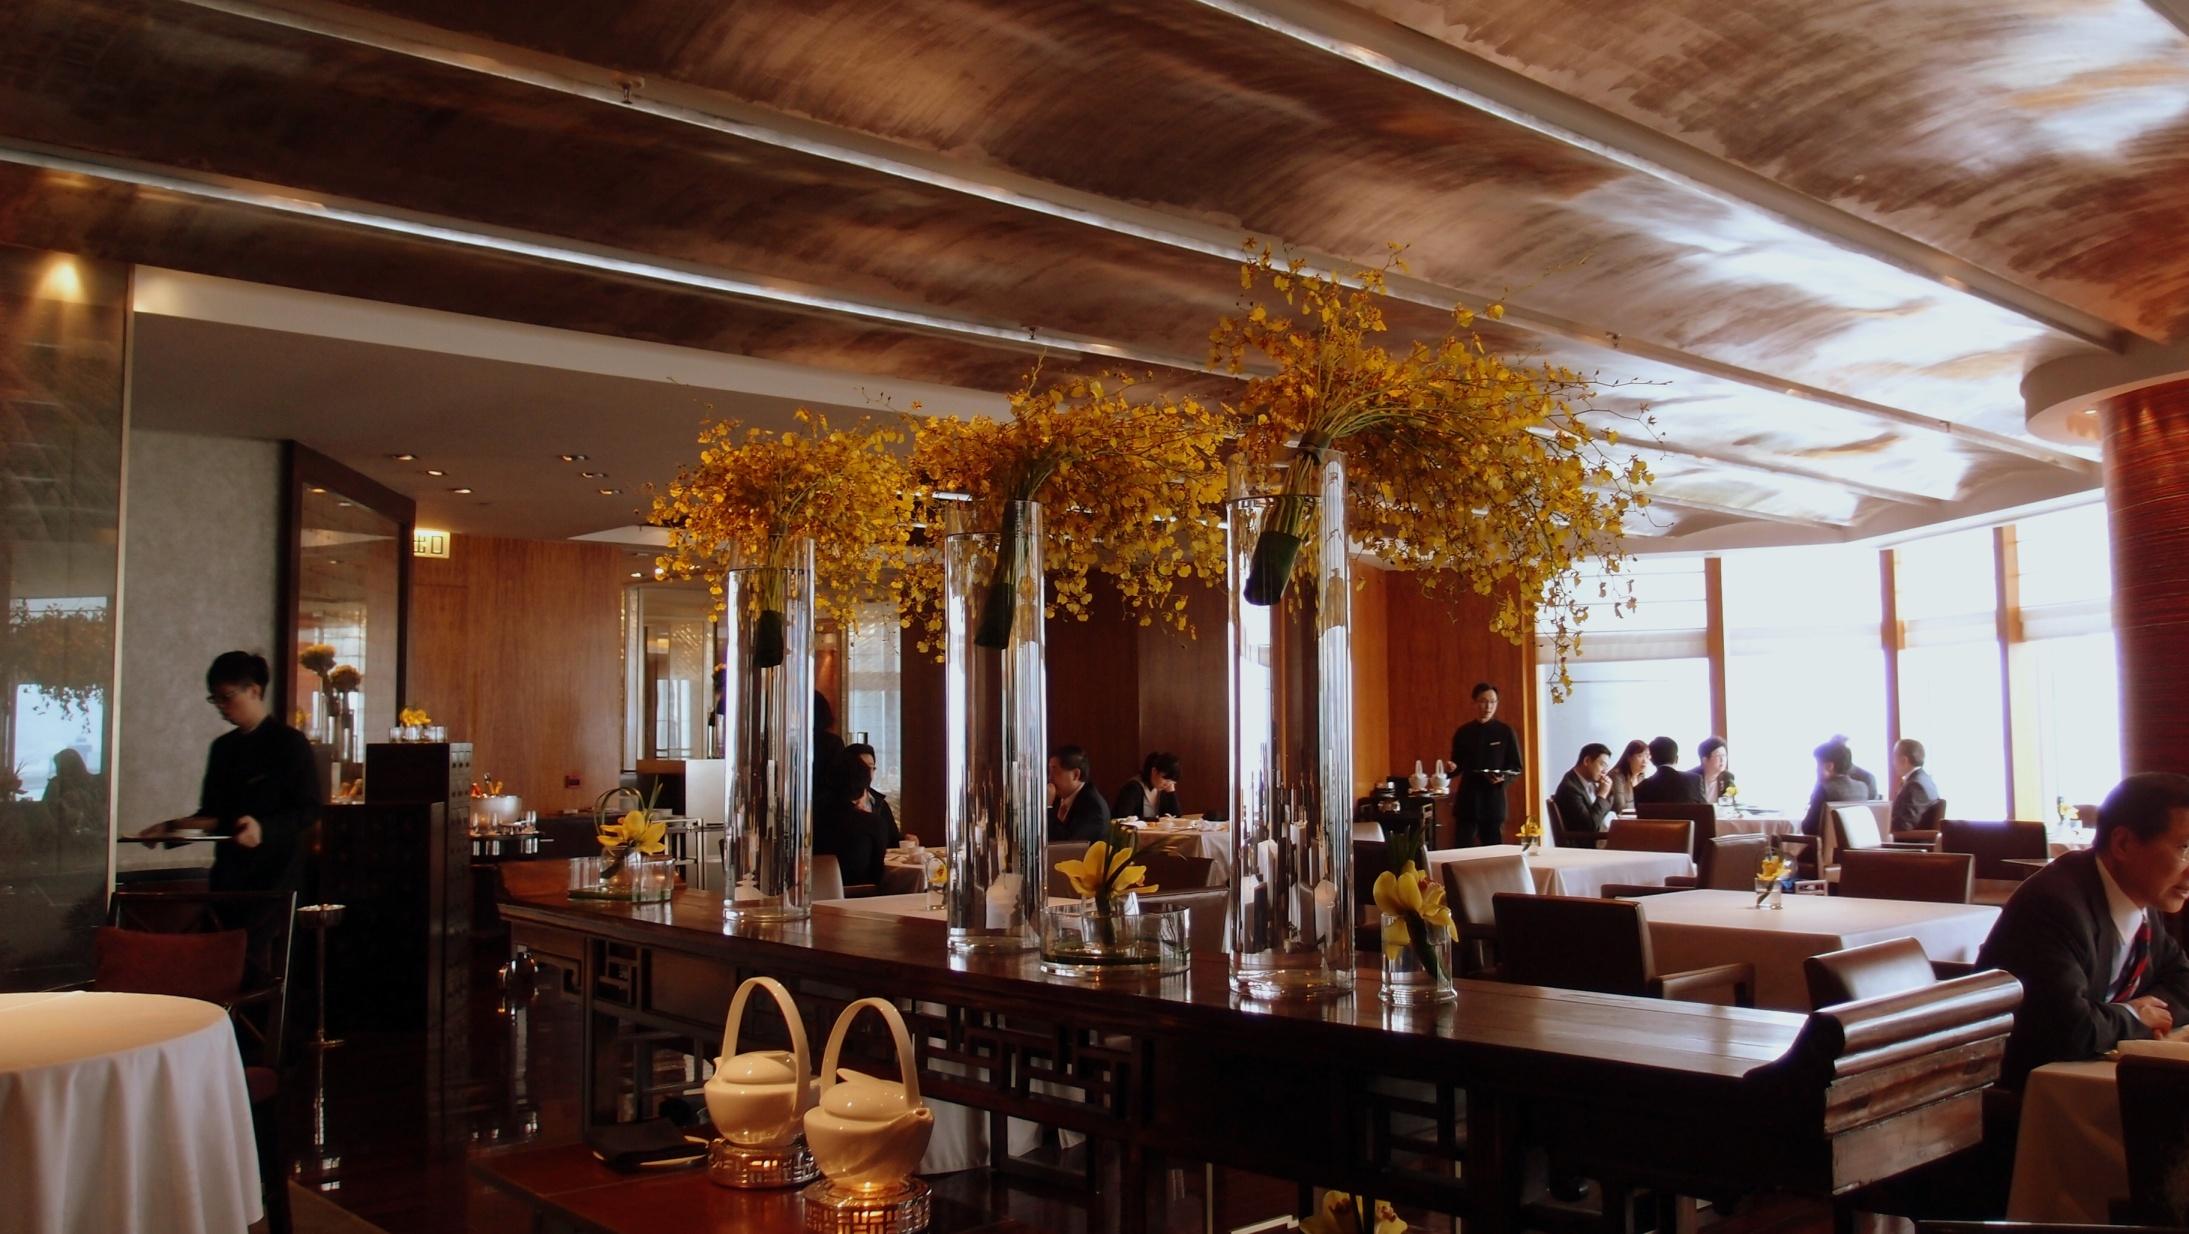 Lung King Heen - 3 star Michelin Restaurant